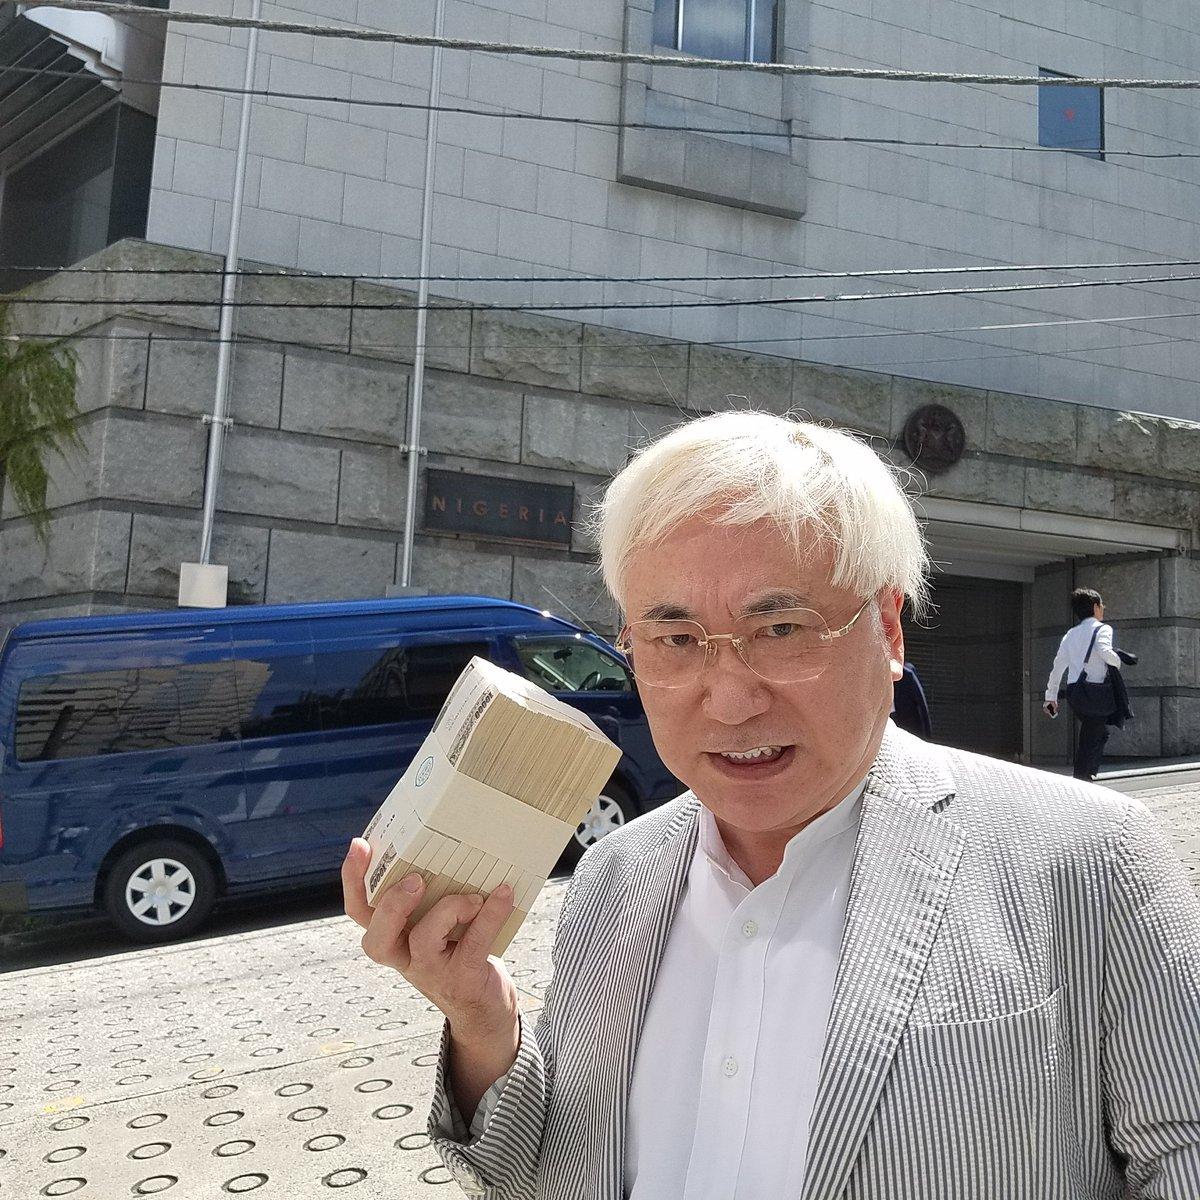 【画像】高須院長「籠池さーん!札束ってのはこんなですよ(*´∀`)♪なう」のサムネイル画像